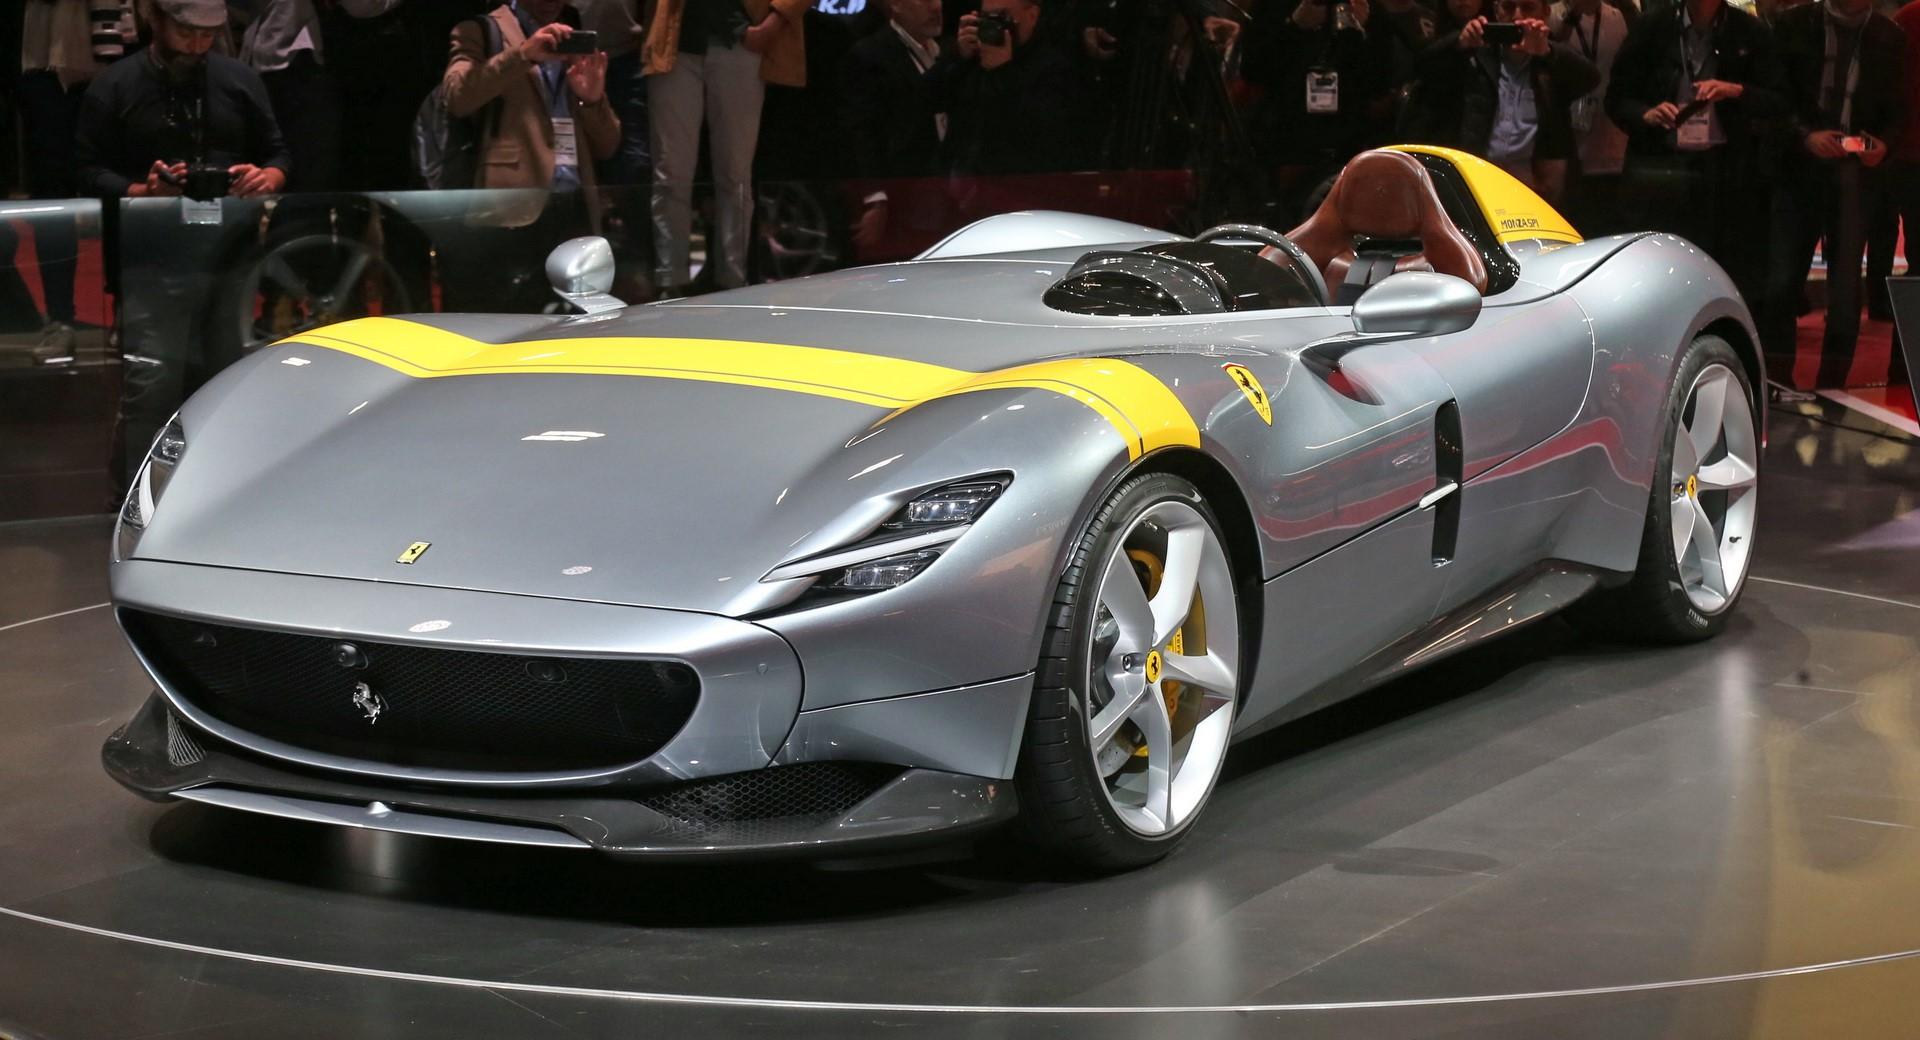 没有挡风玻璃的超级跑车是一种需要消亡的趋势